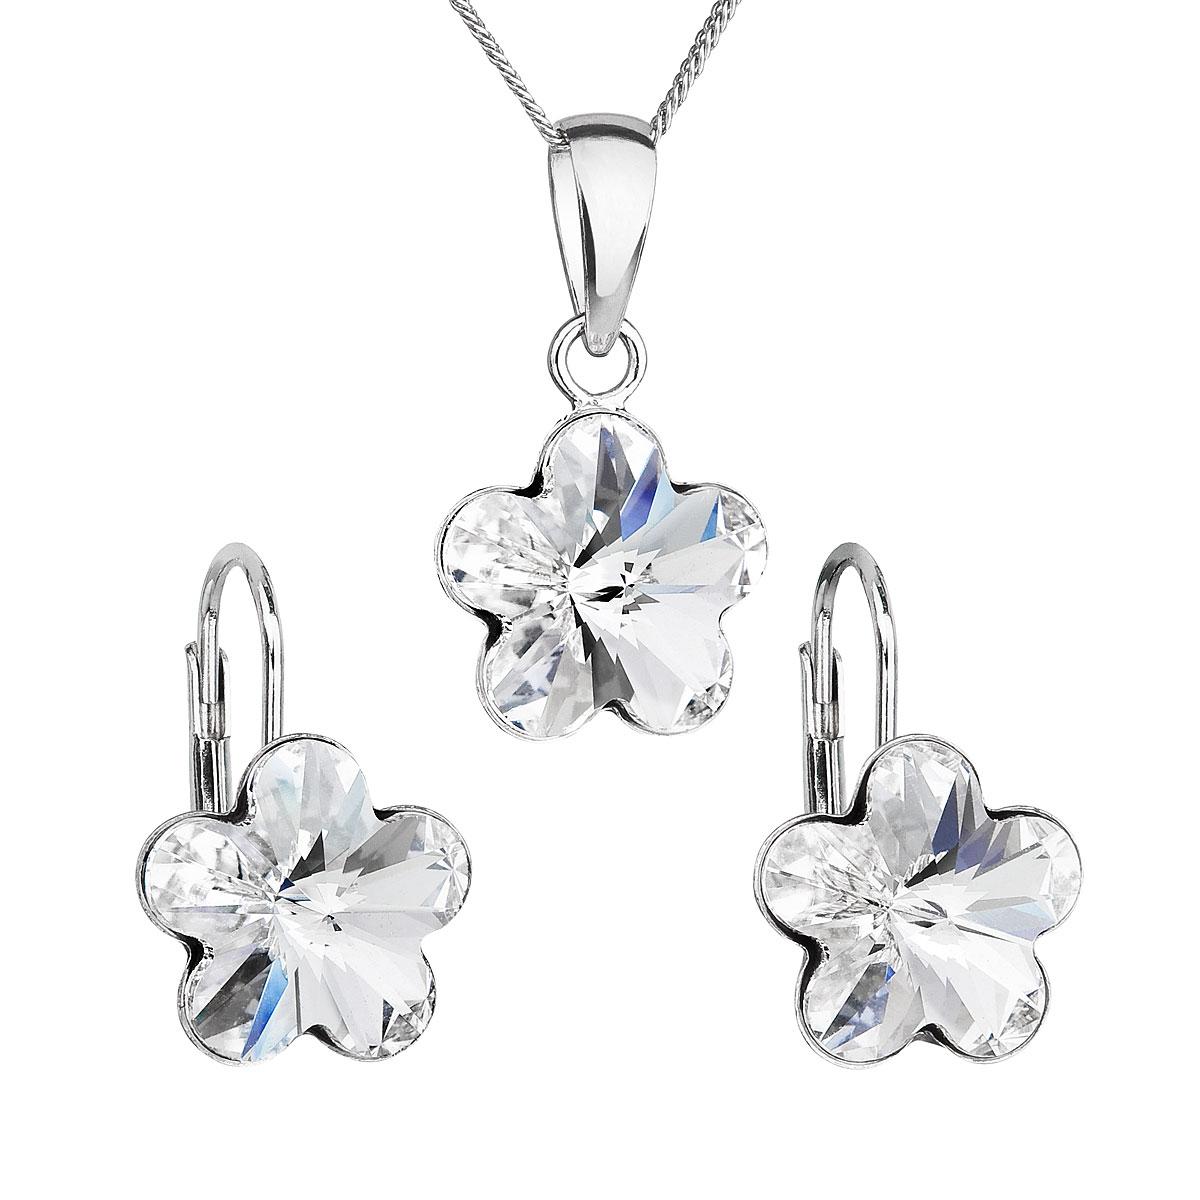 Evolution Group Sada šperků s krystaly Swarovski náušnice, řetízek a přívěsek bílá kytička 39143.1